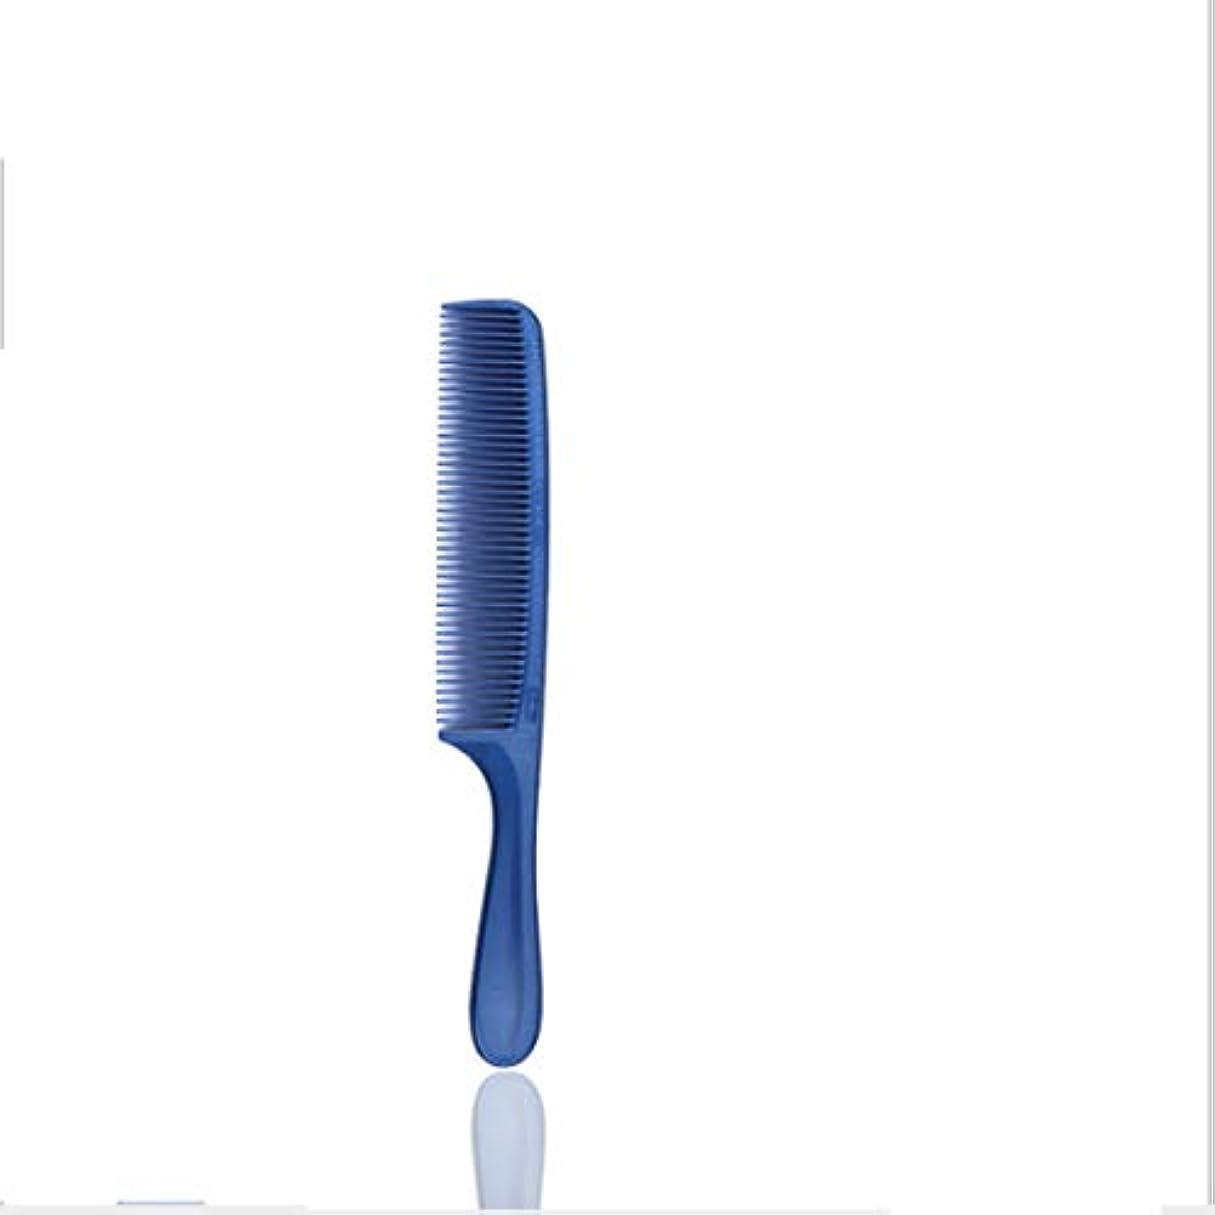 利点識別する間隔(メイクコーム、ナイロンコーム、フラットコーム)女性や男性のためのプラスチック製の髪の櫛静電気防止髪カット特別な櫛ナチュラルカラーブルー モデリングツール (サイズ : 126)